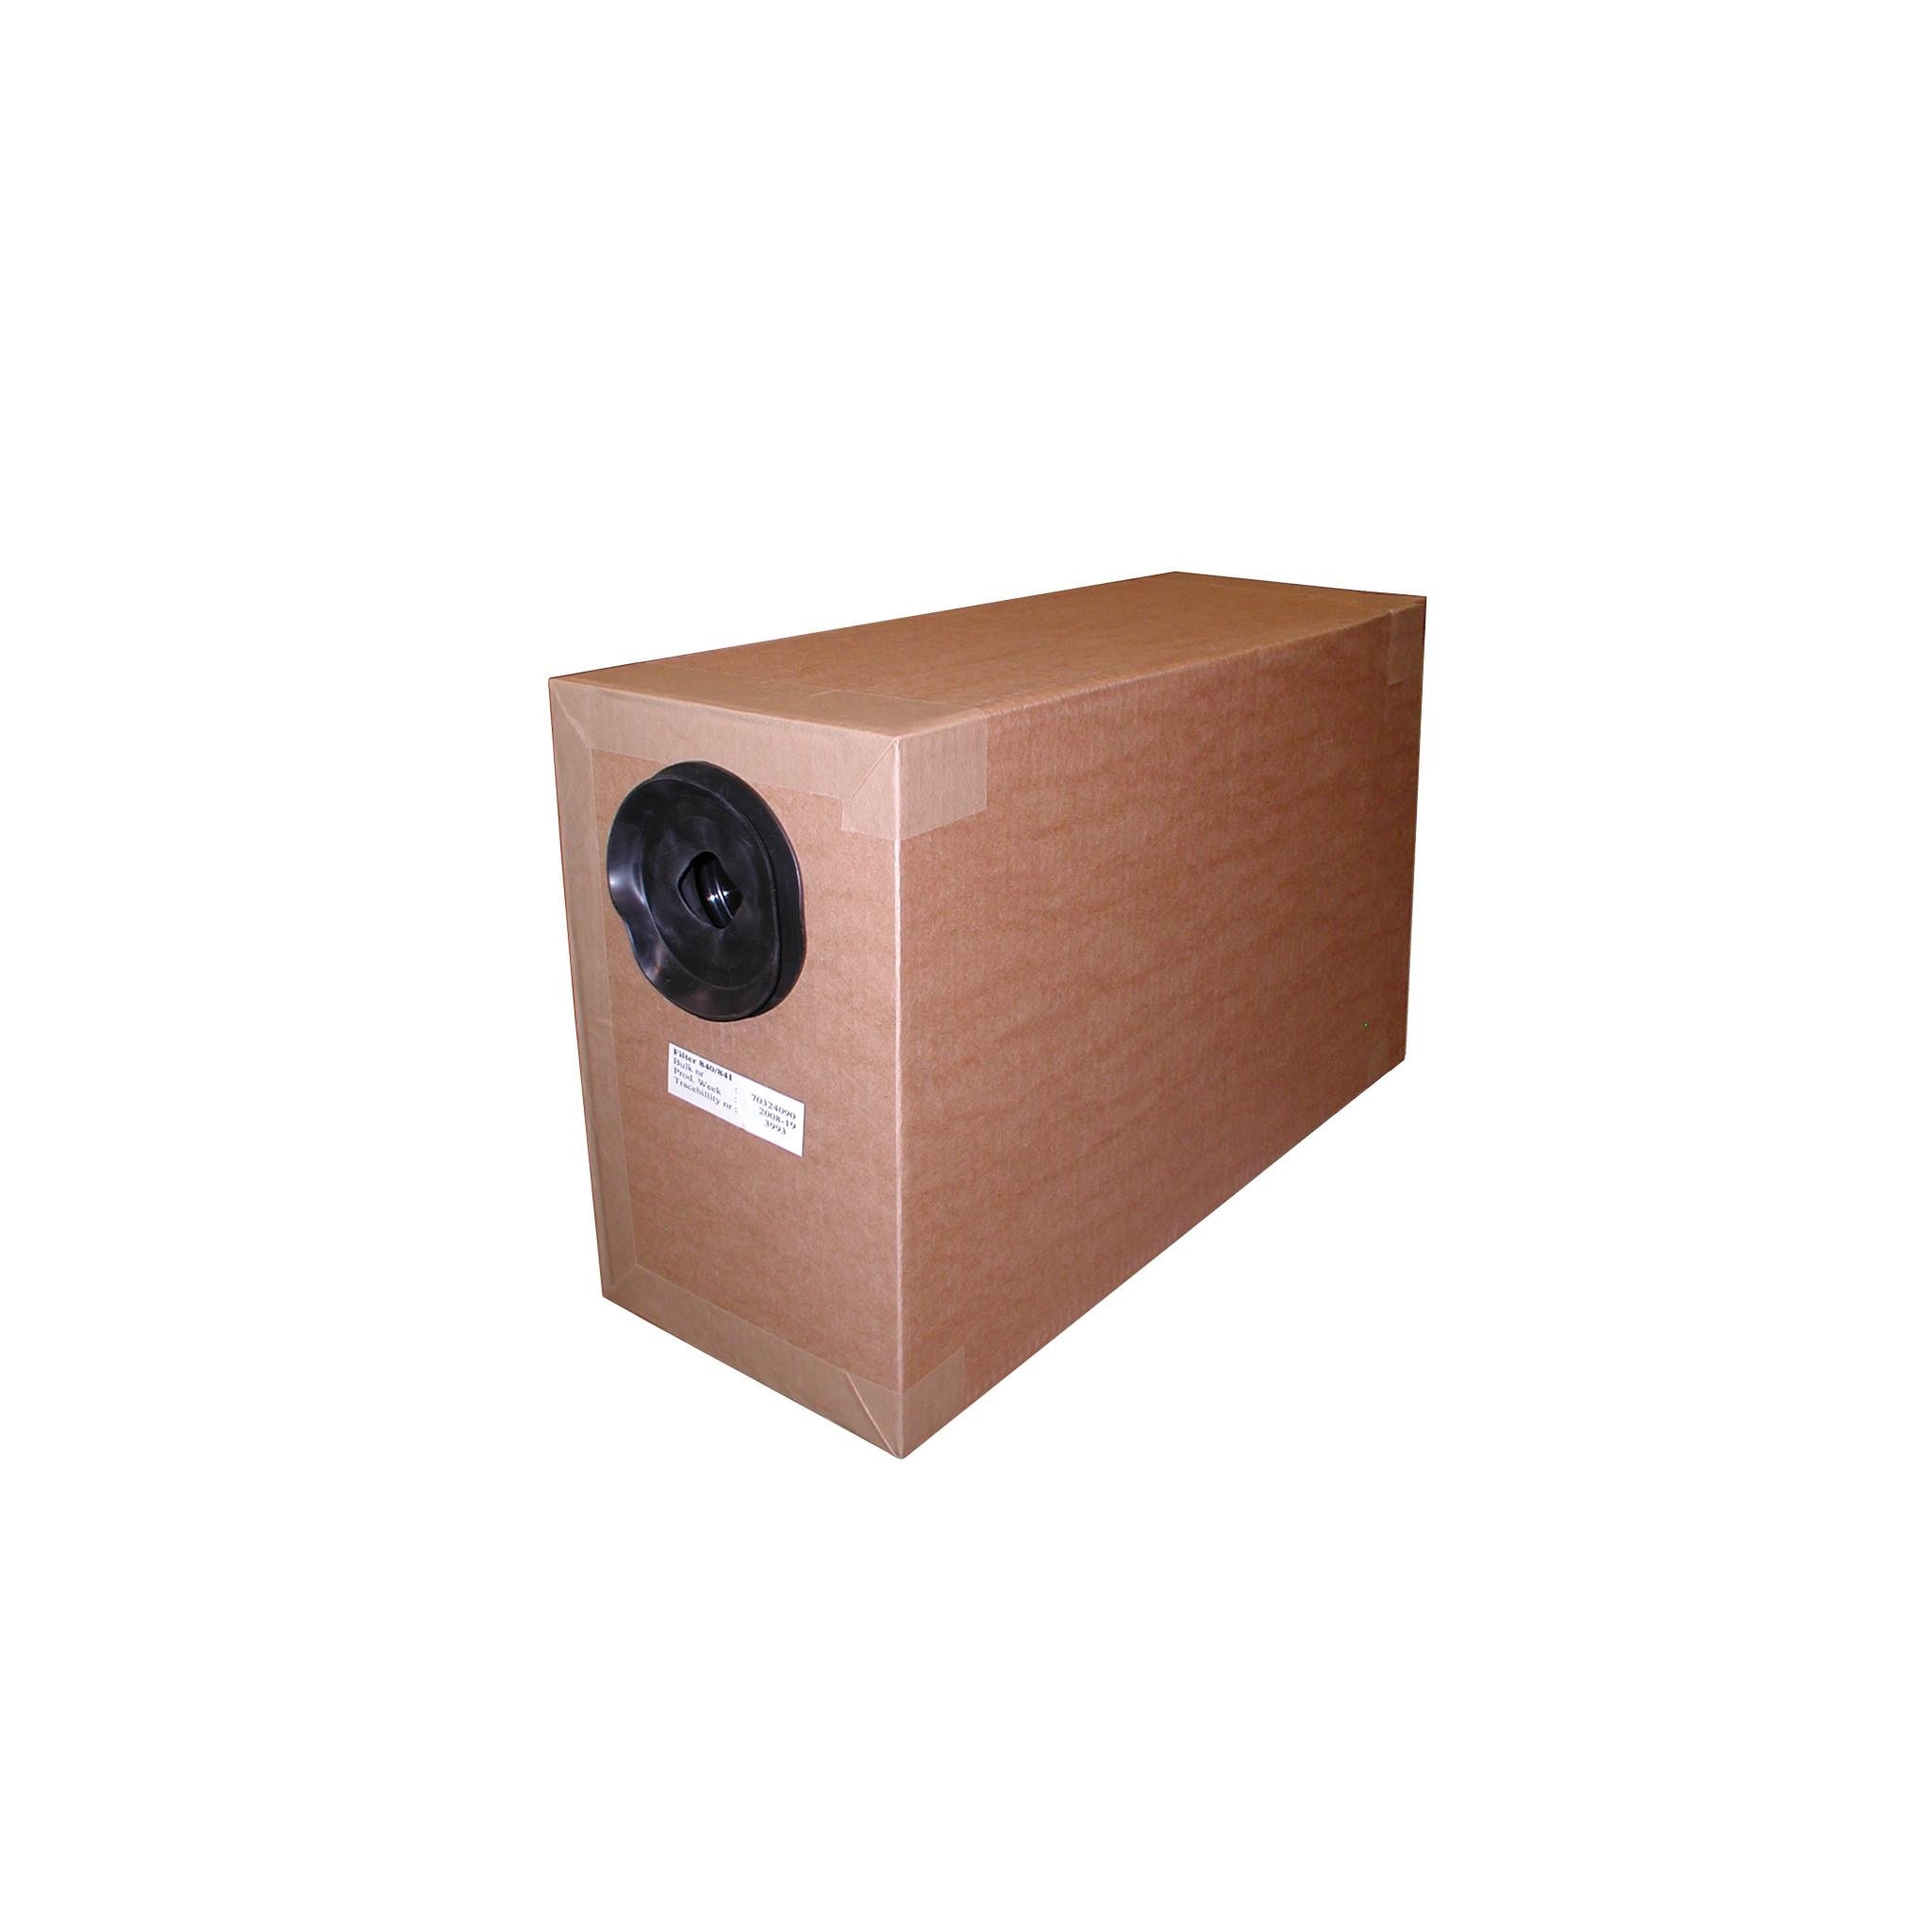 FE-324 är ett filter för FE-840